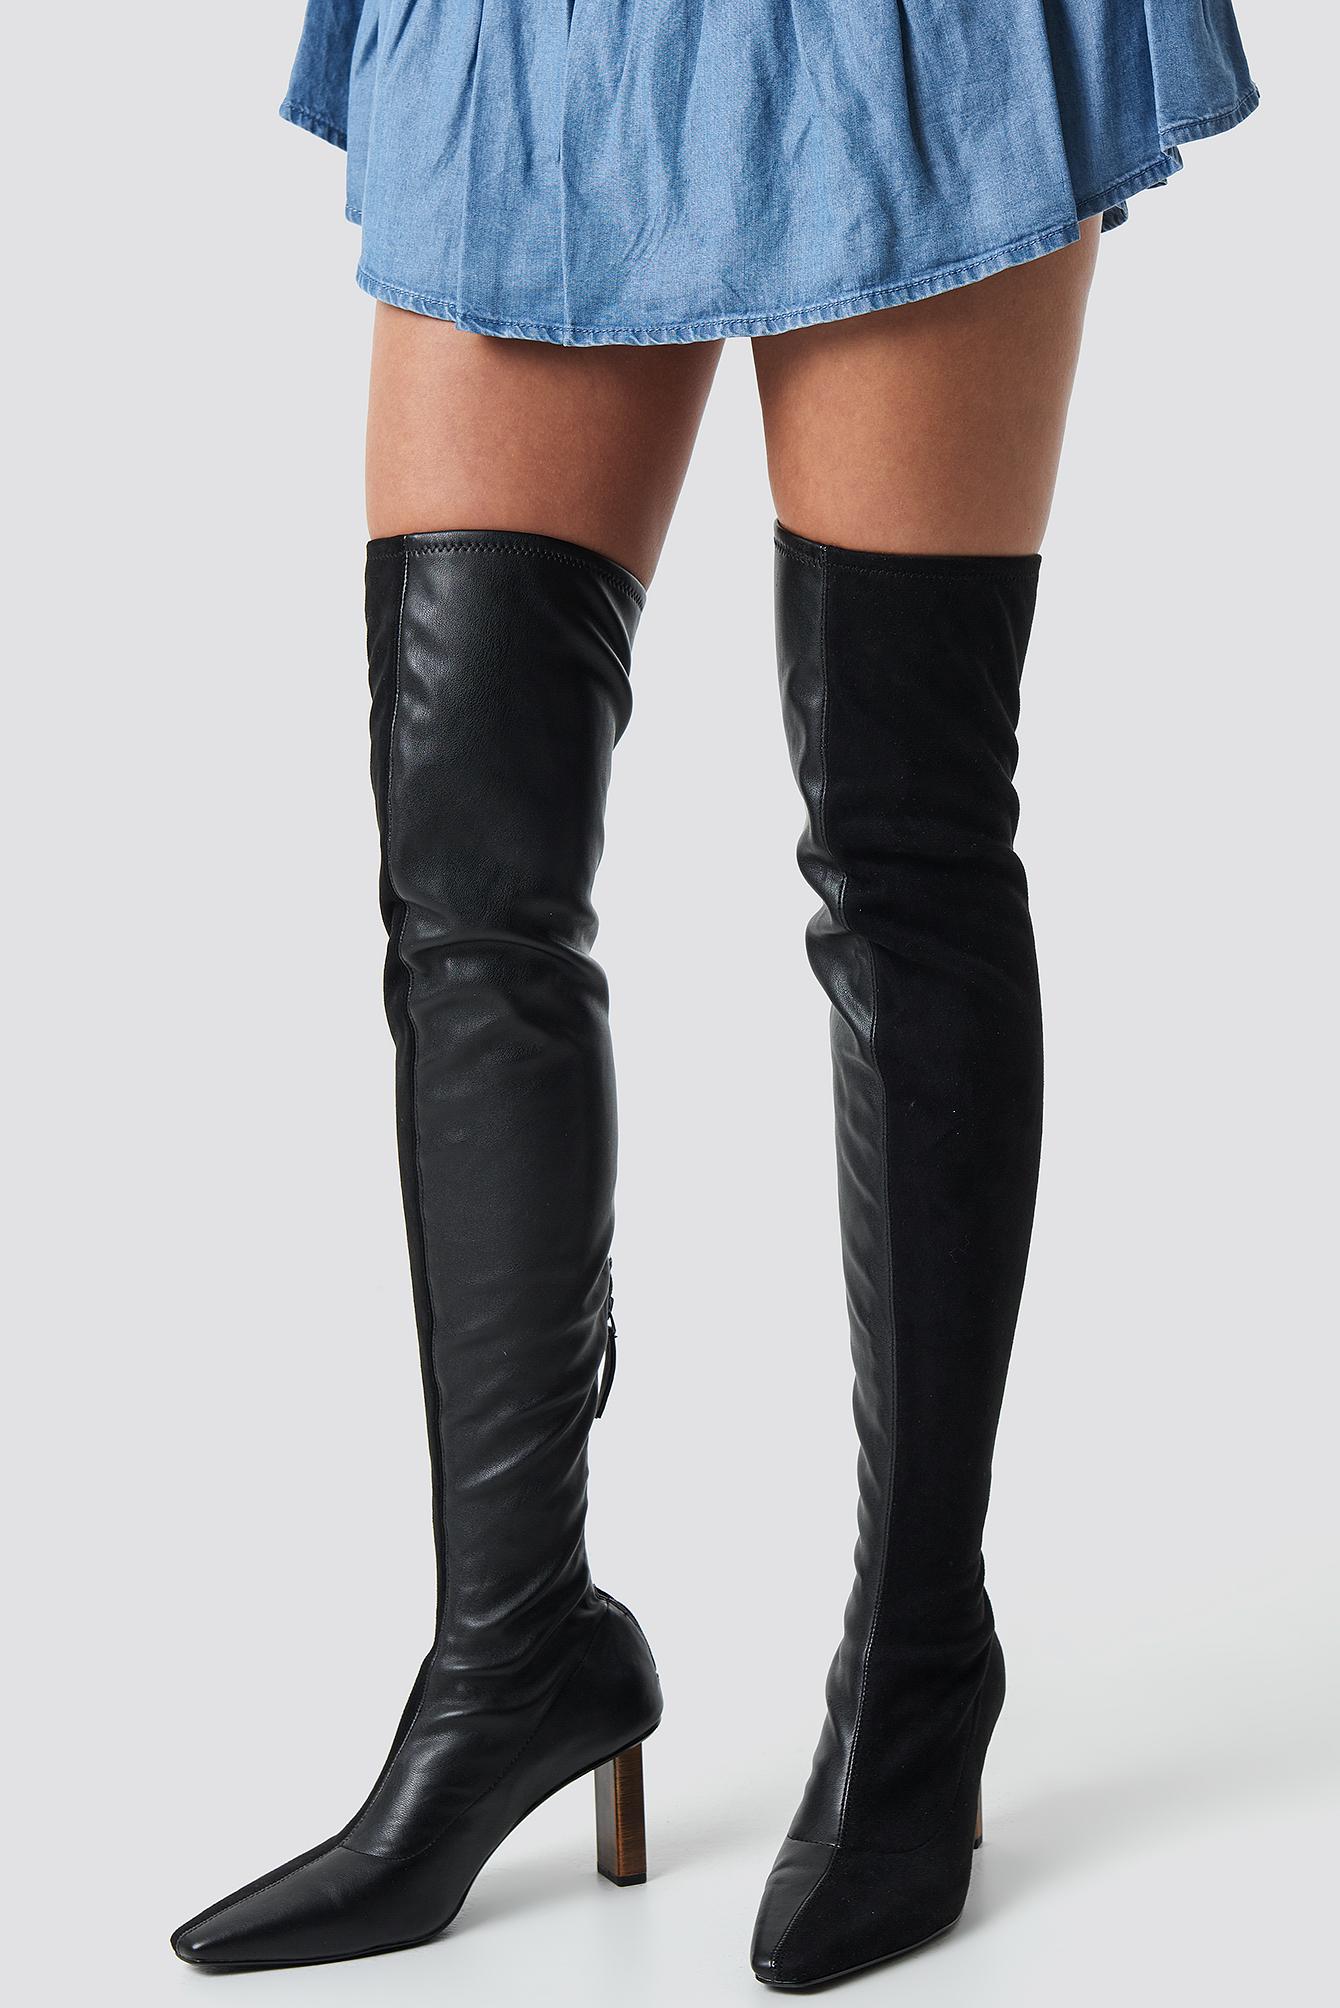 mango -  Tina Boots - Black